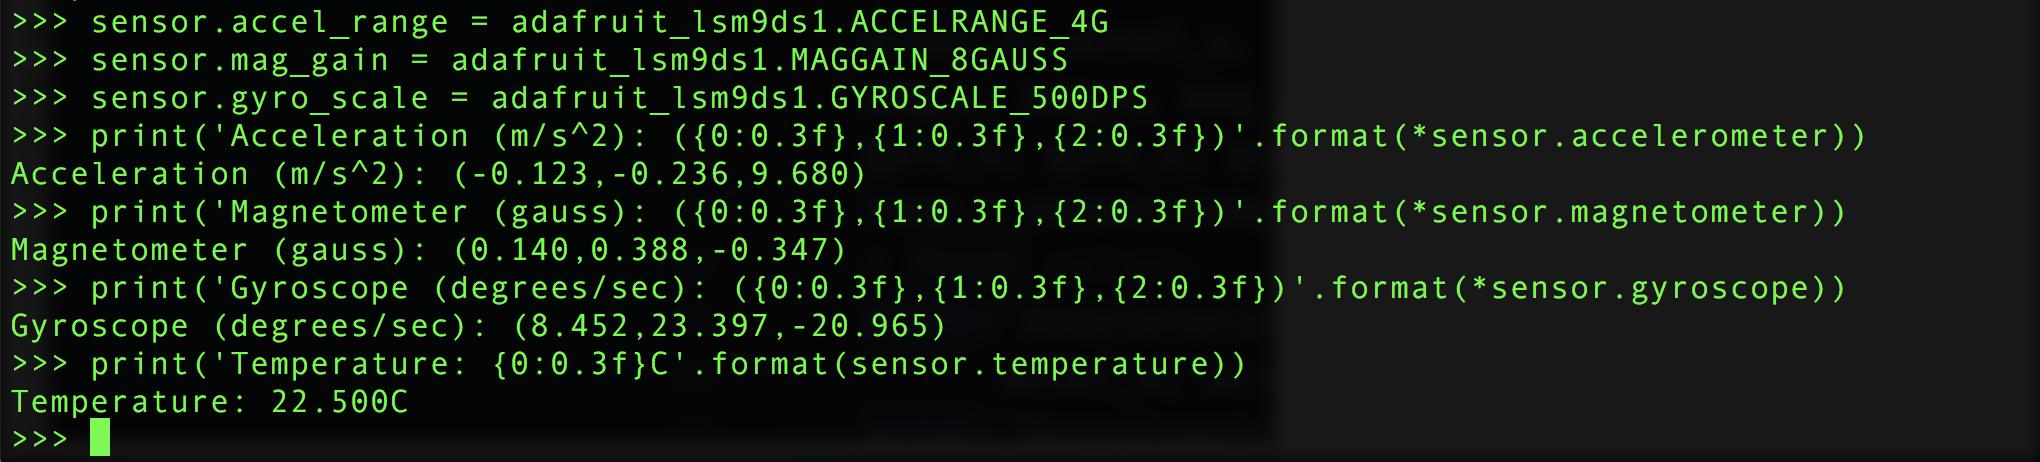 sensors_Screen_Shot_2017-12-05_at_7.21.34_PM.png